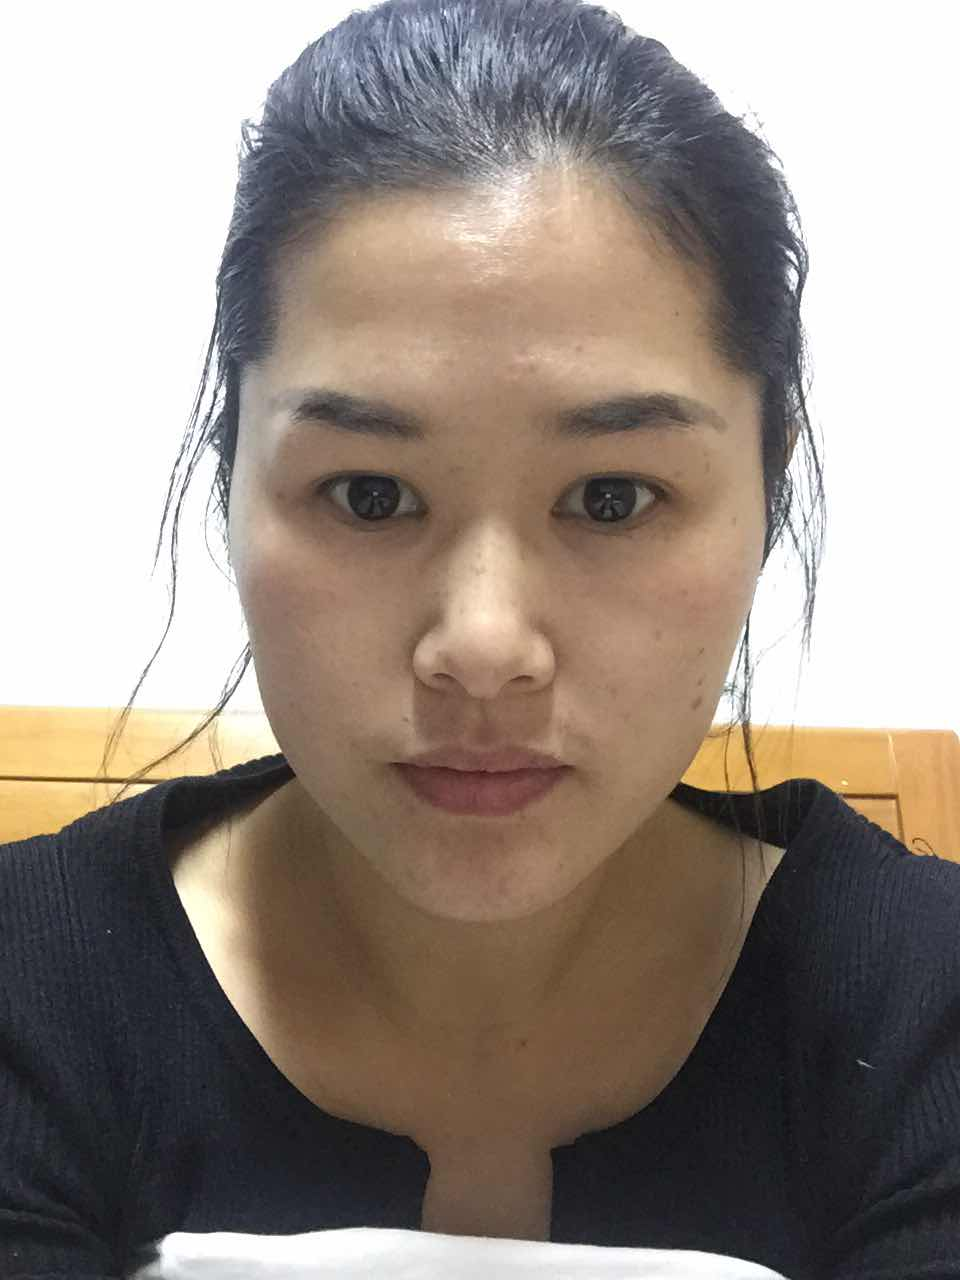 割双眼皮手术后,多久可以化妆?该整那些地方?脸型暂时不考虑,还没有那样的勇气